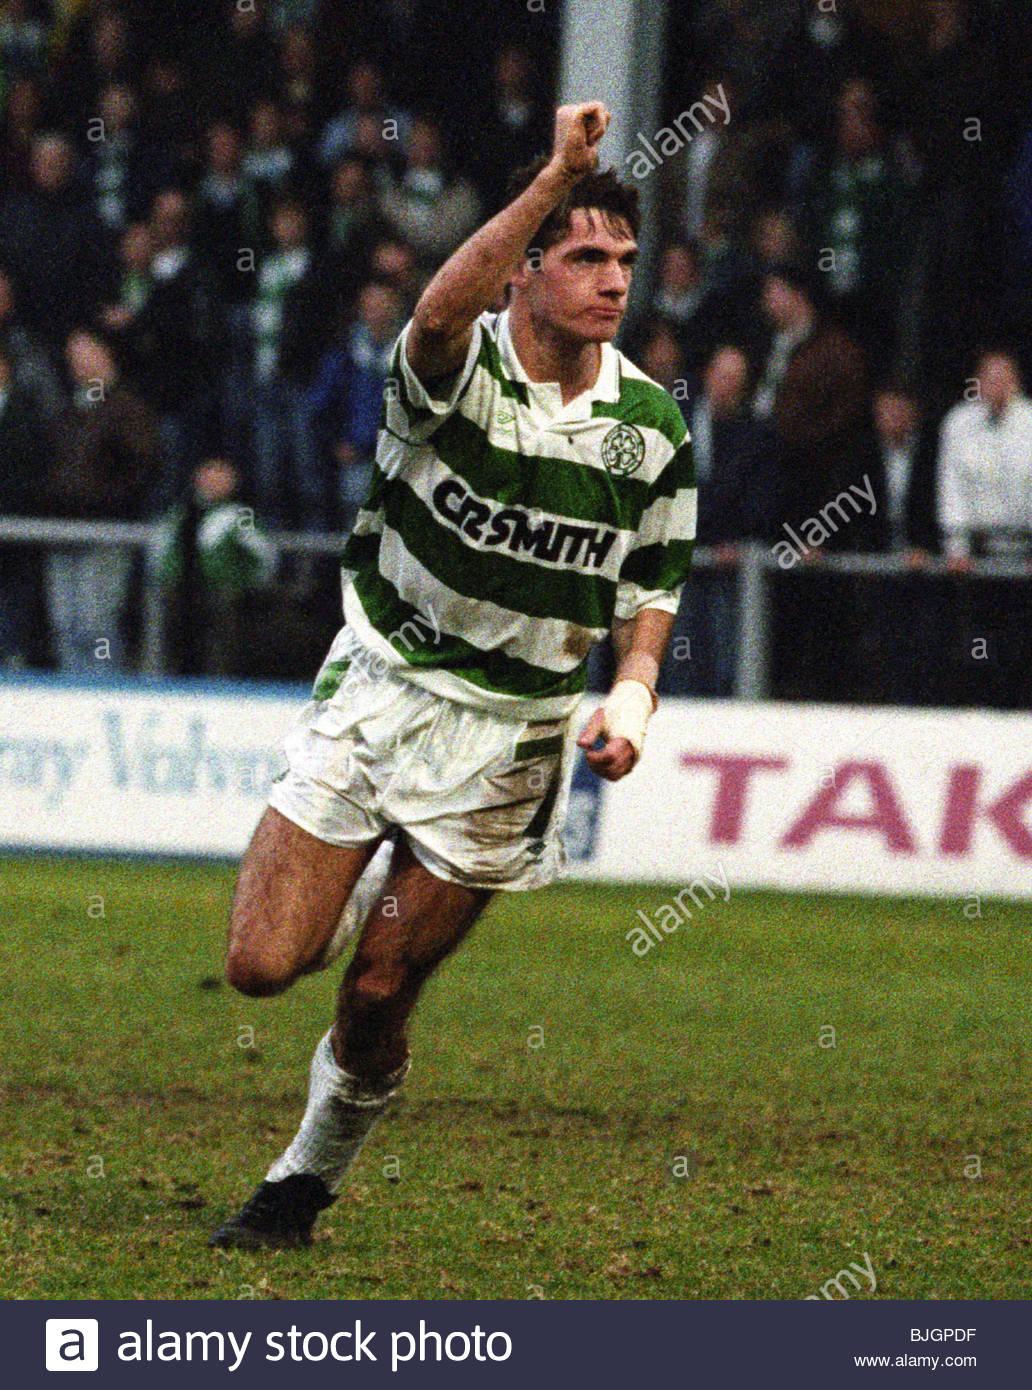 09/03/91 PREMIER DIVISION HIBS V CELTIC (0-2) EASTER ROAD - EDINBURGH Joe Miller celebrates after scoring for Celtic. - Stock Image